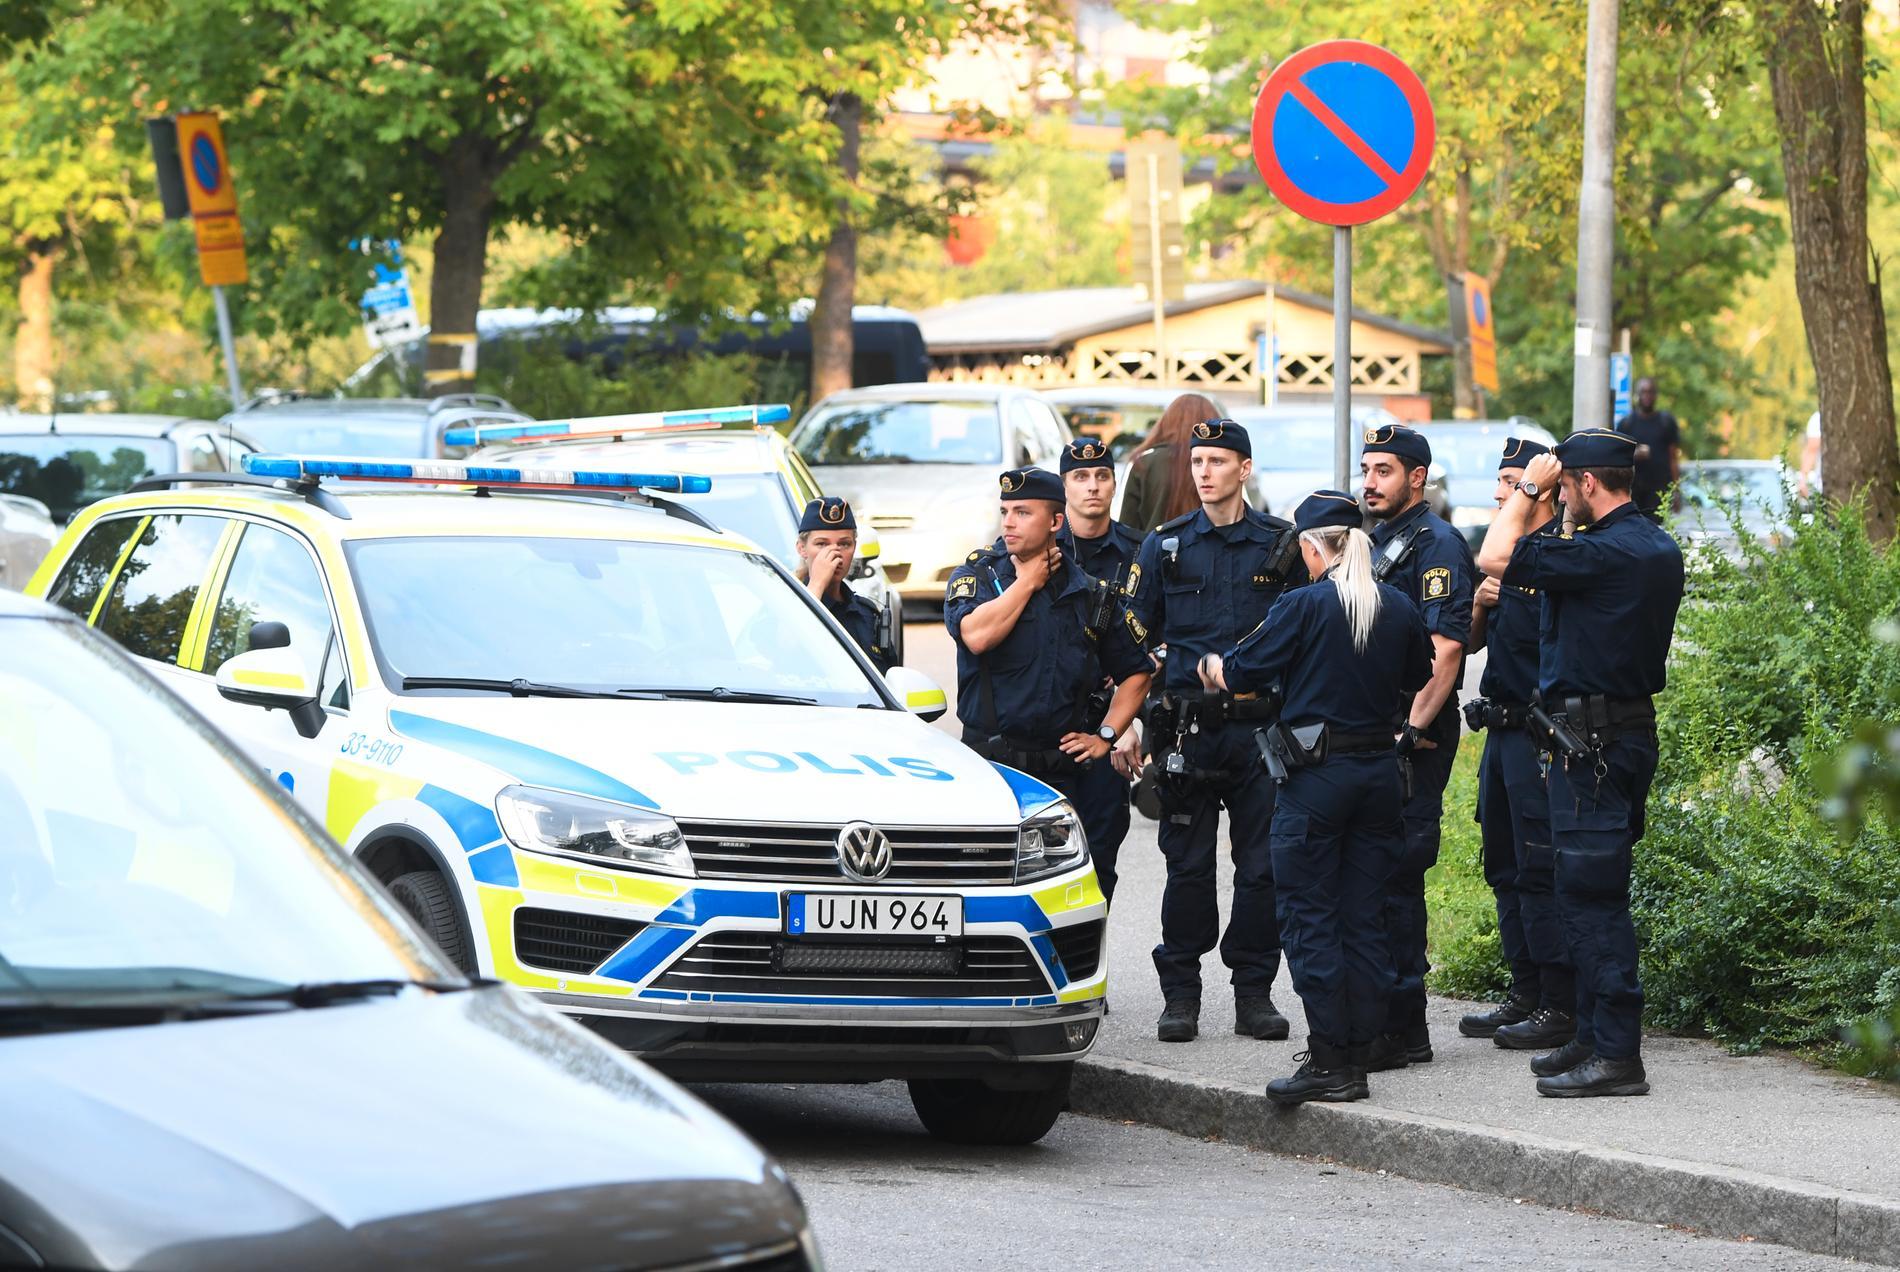 En stor polisinsats pågår i Rinkeby.